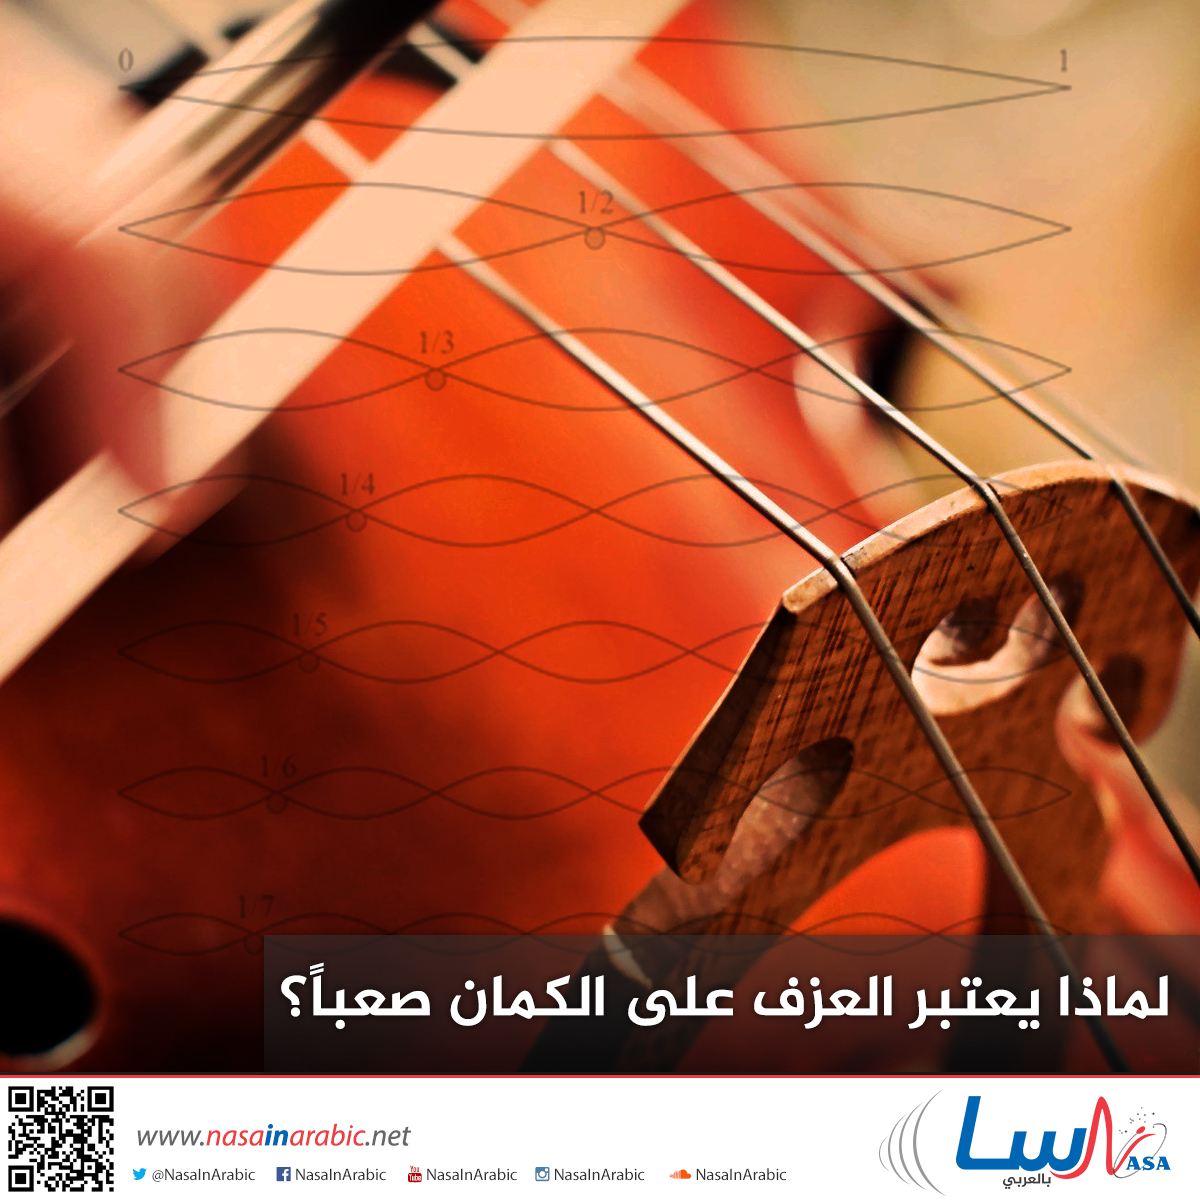 لماذا يعتبر العزف على الكمان صعباً؟